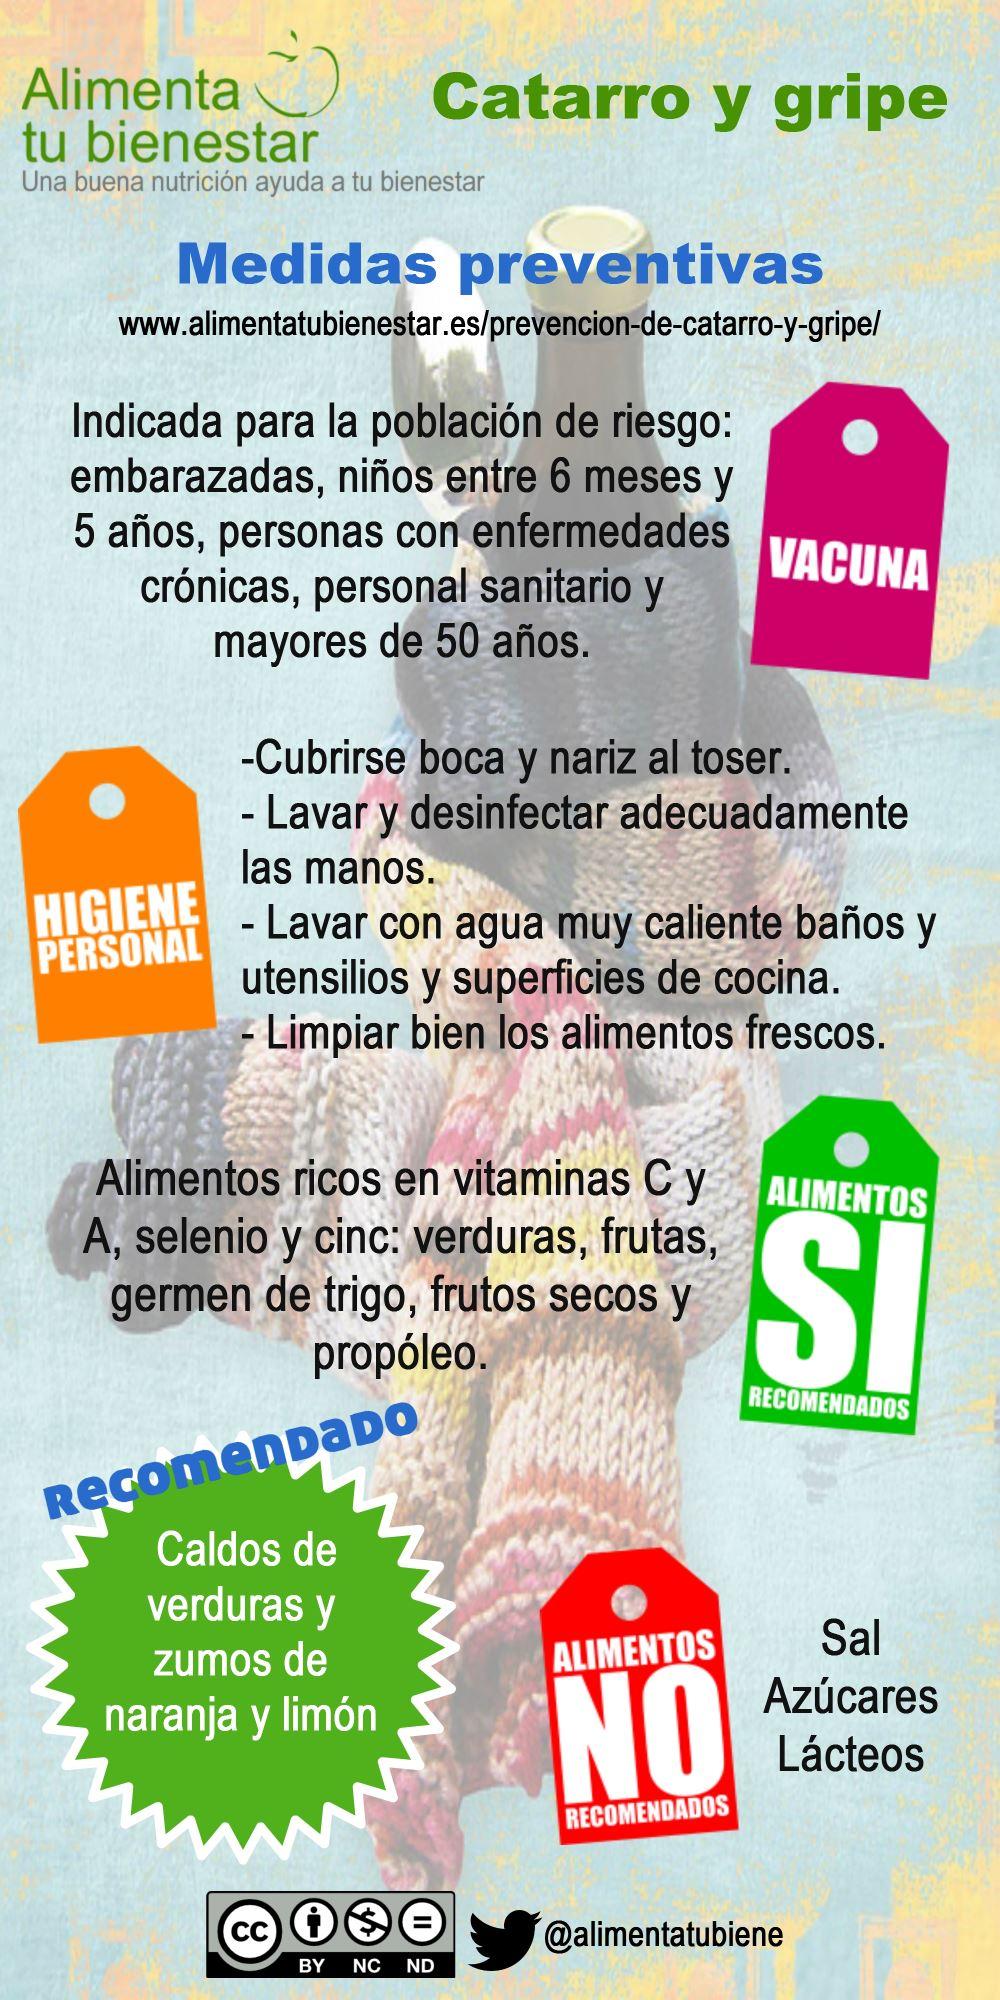 Medidas preventivas para catarro y gripe